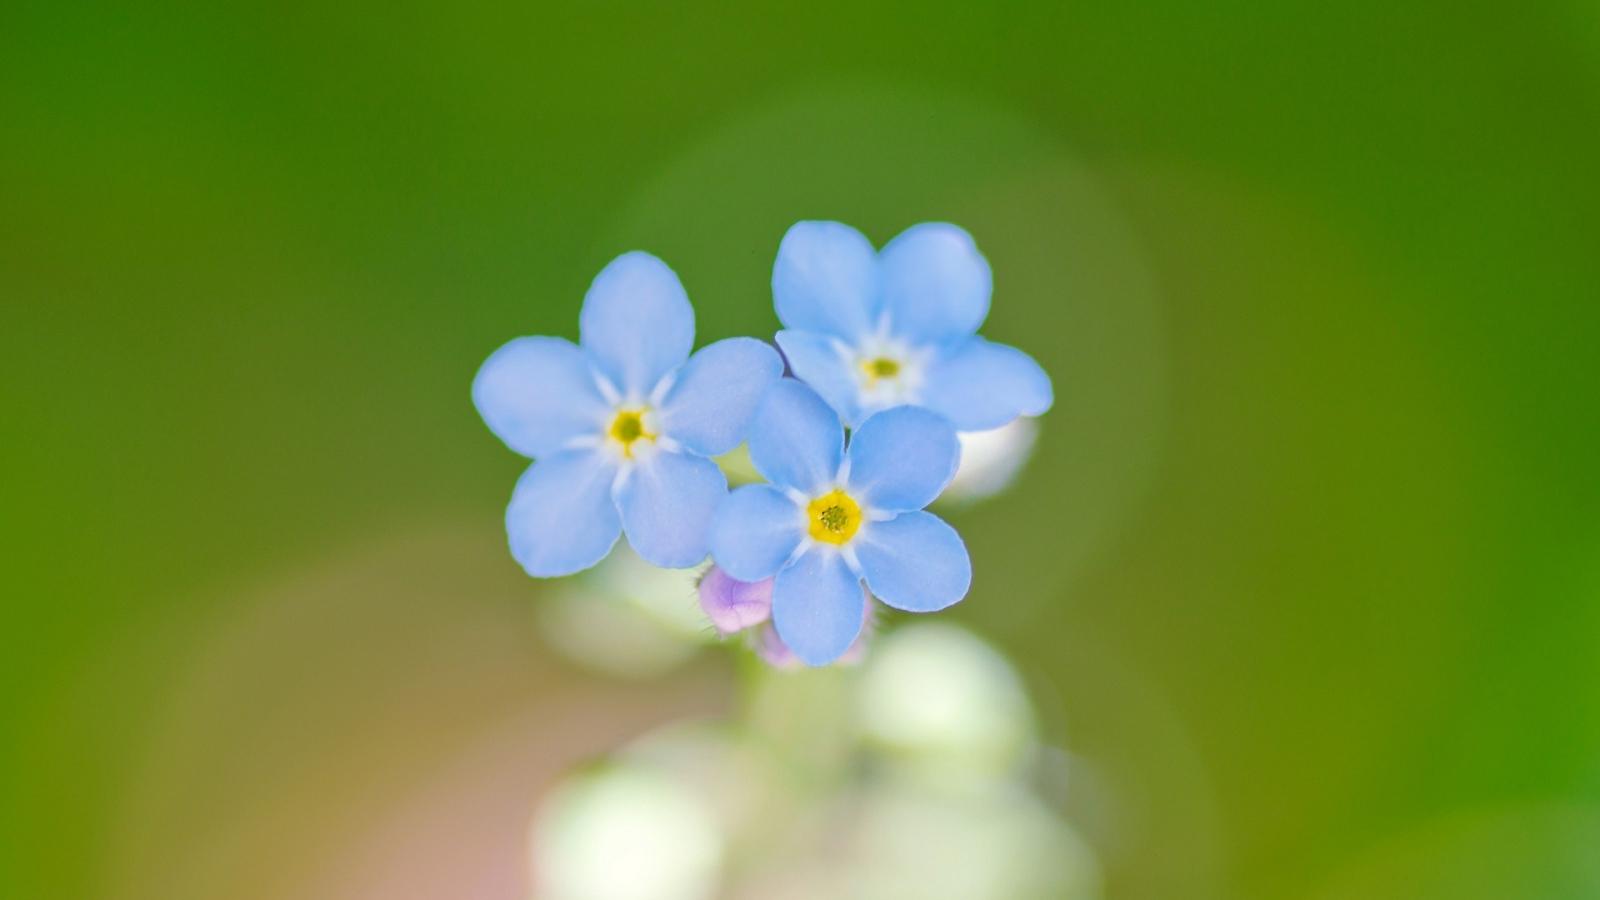 Flores azules en macro - 1600x900